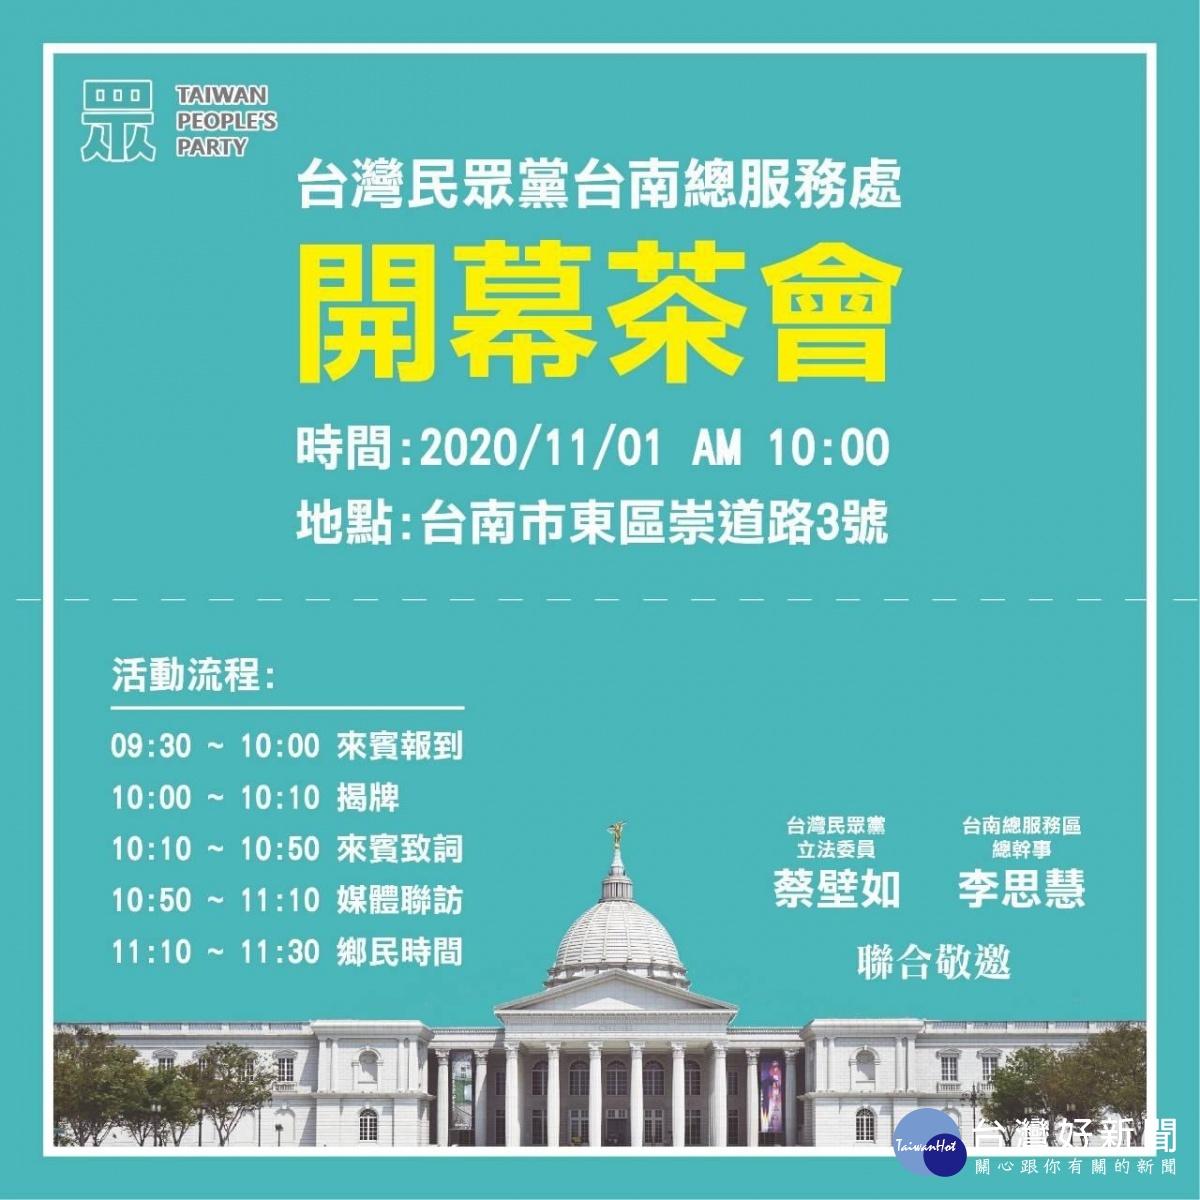 台灣民眾黨進軍台南政壇 11/1在東區成立「台南總服務處」